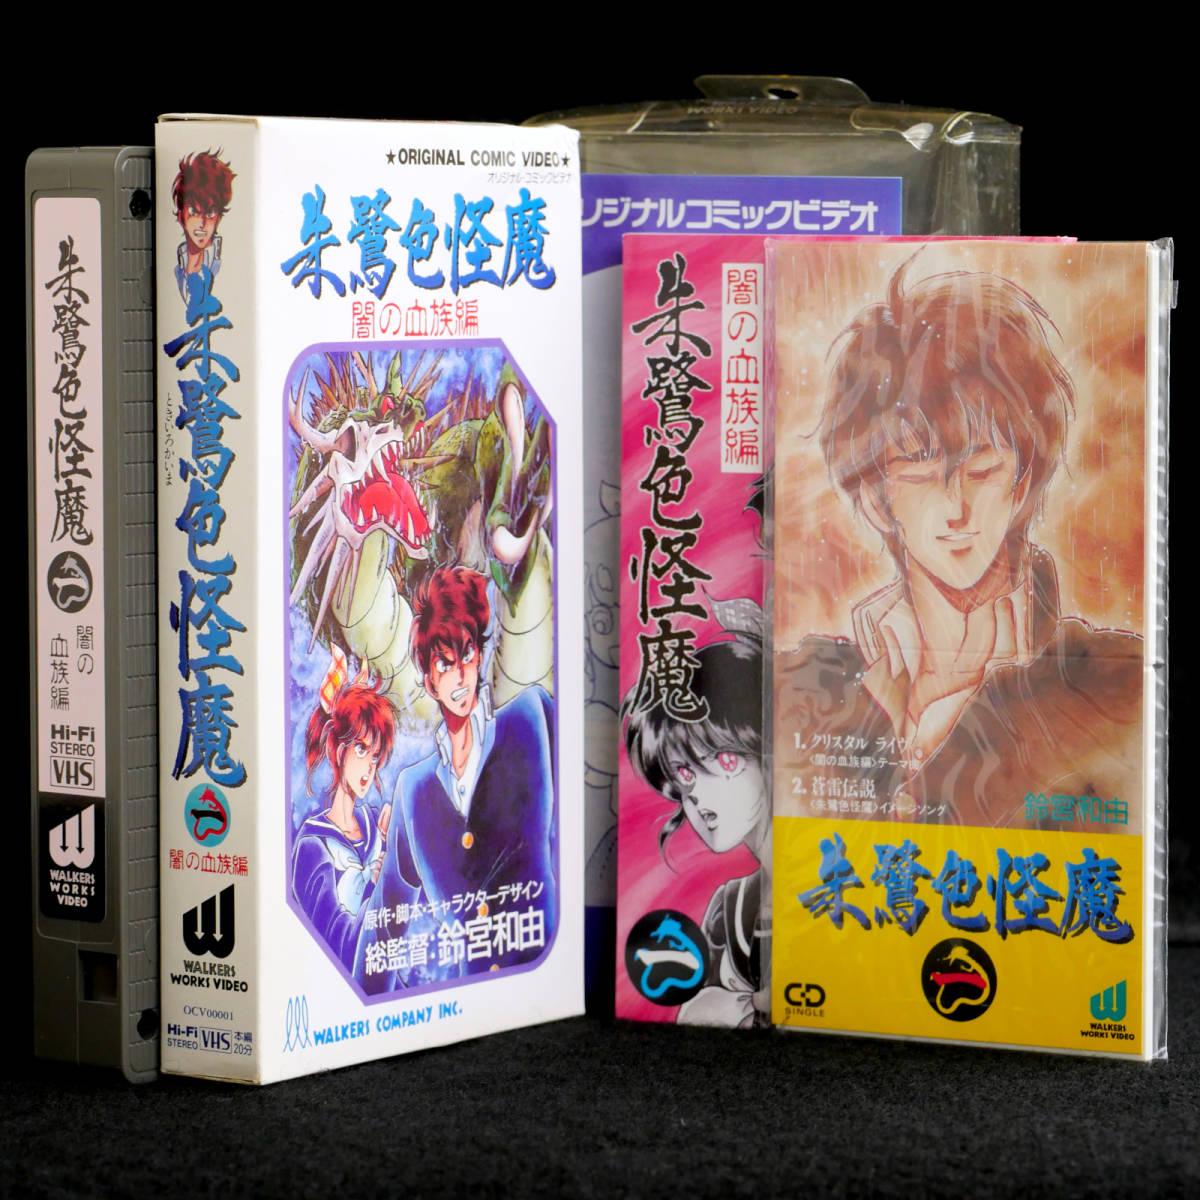 VHS 朱鷺色怪魔 一 闇の血族編 VHS、コミック、シングルCD揃い